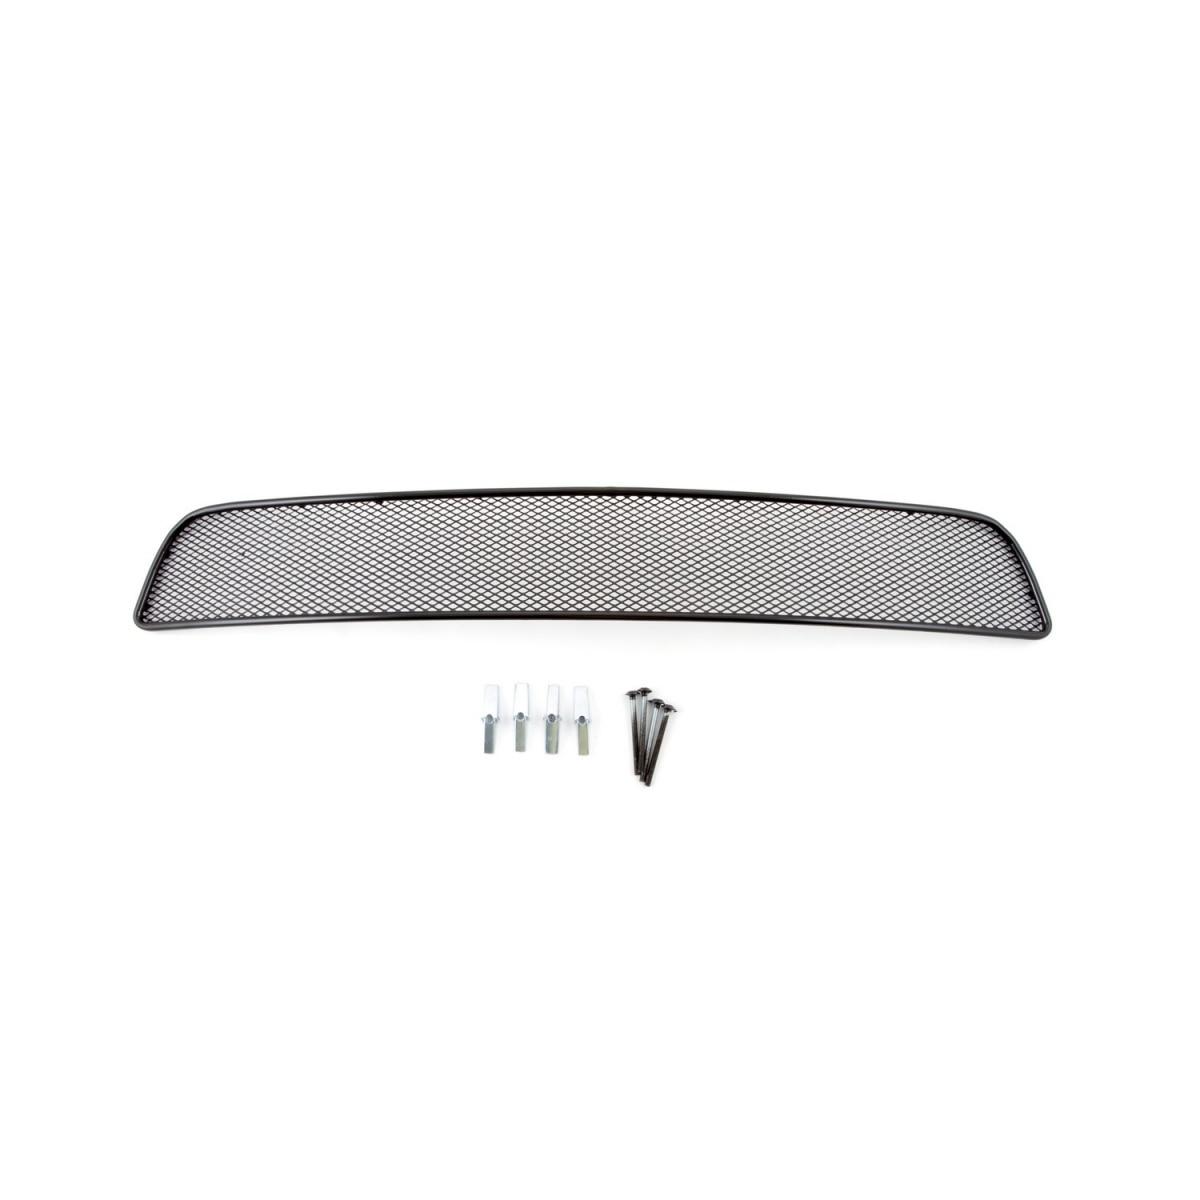 Mesh On Bumper External For Chevrolet Cruze 2009-2013, Black, 10mm (Chevrolet Cruze)